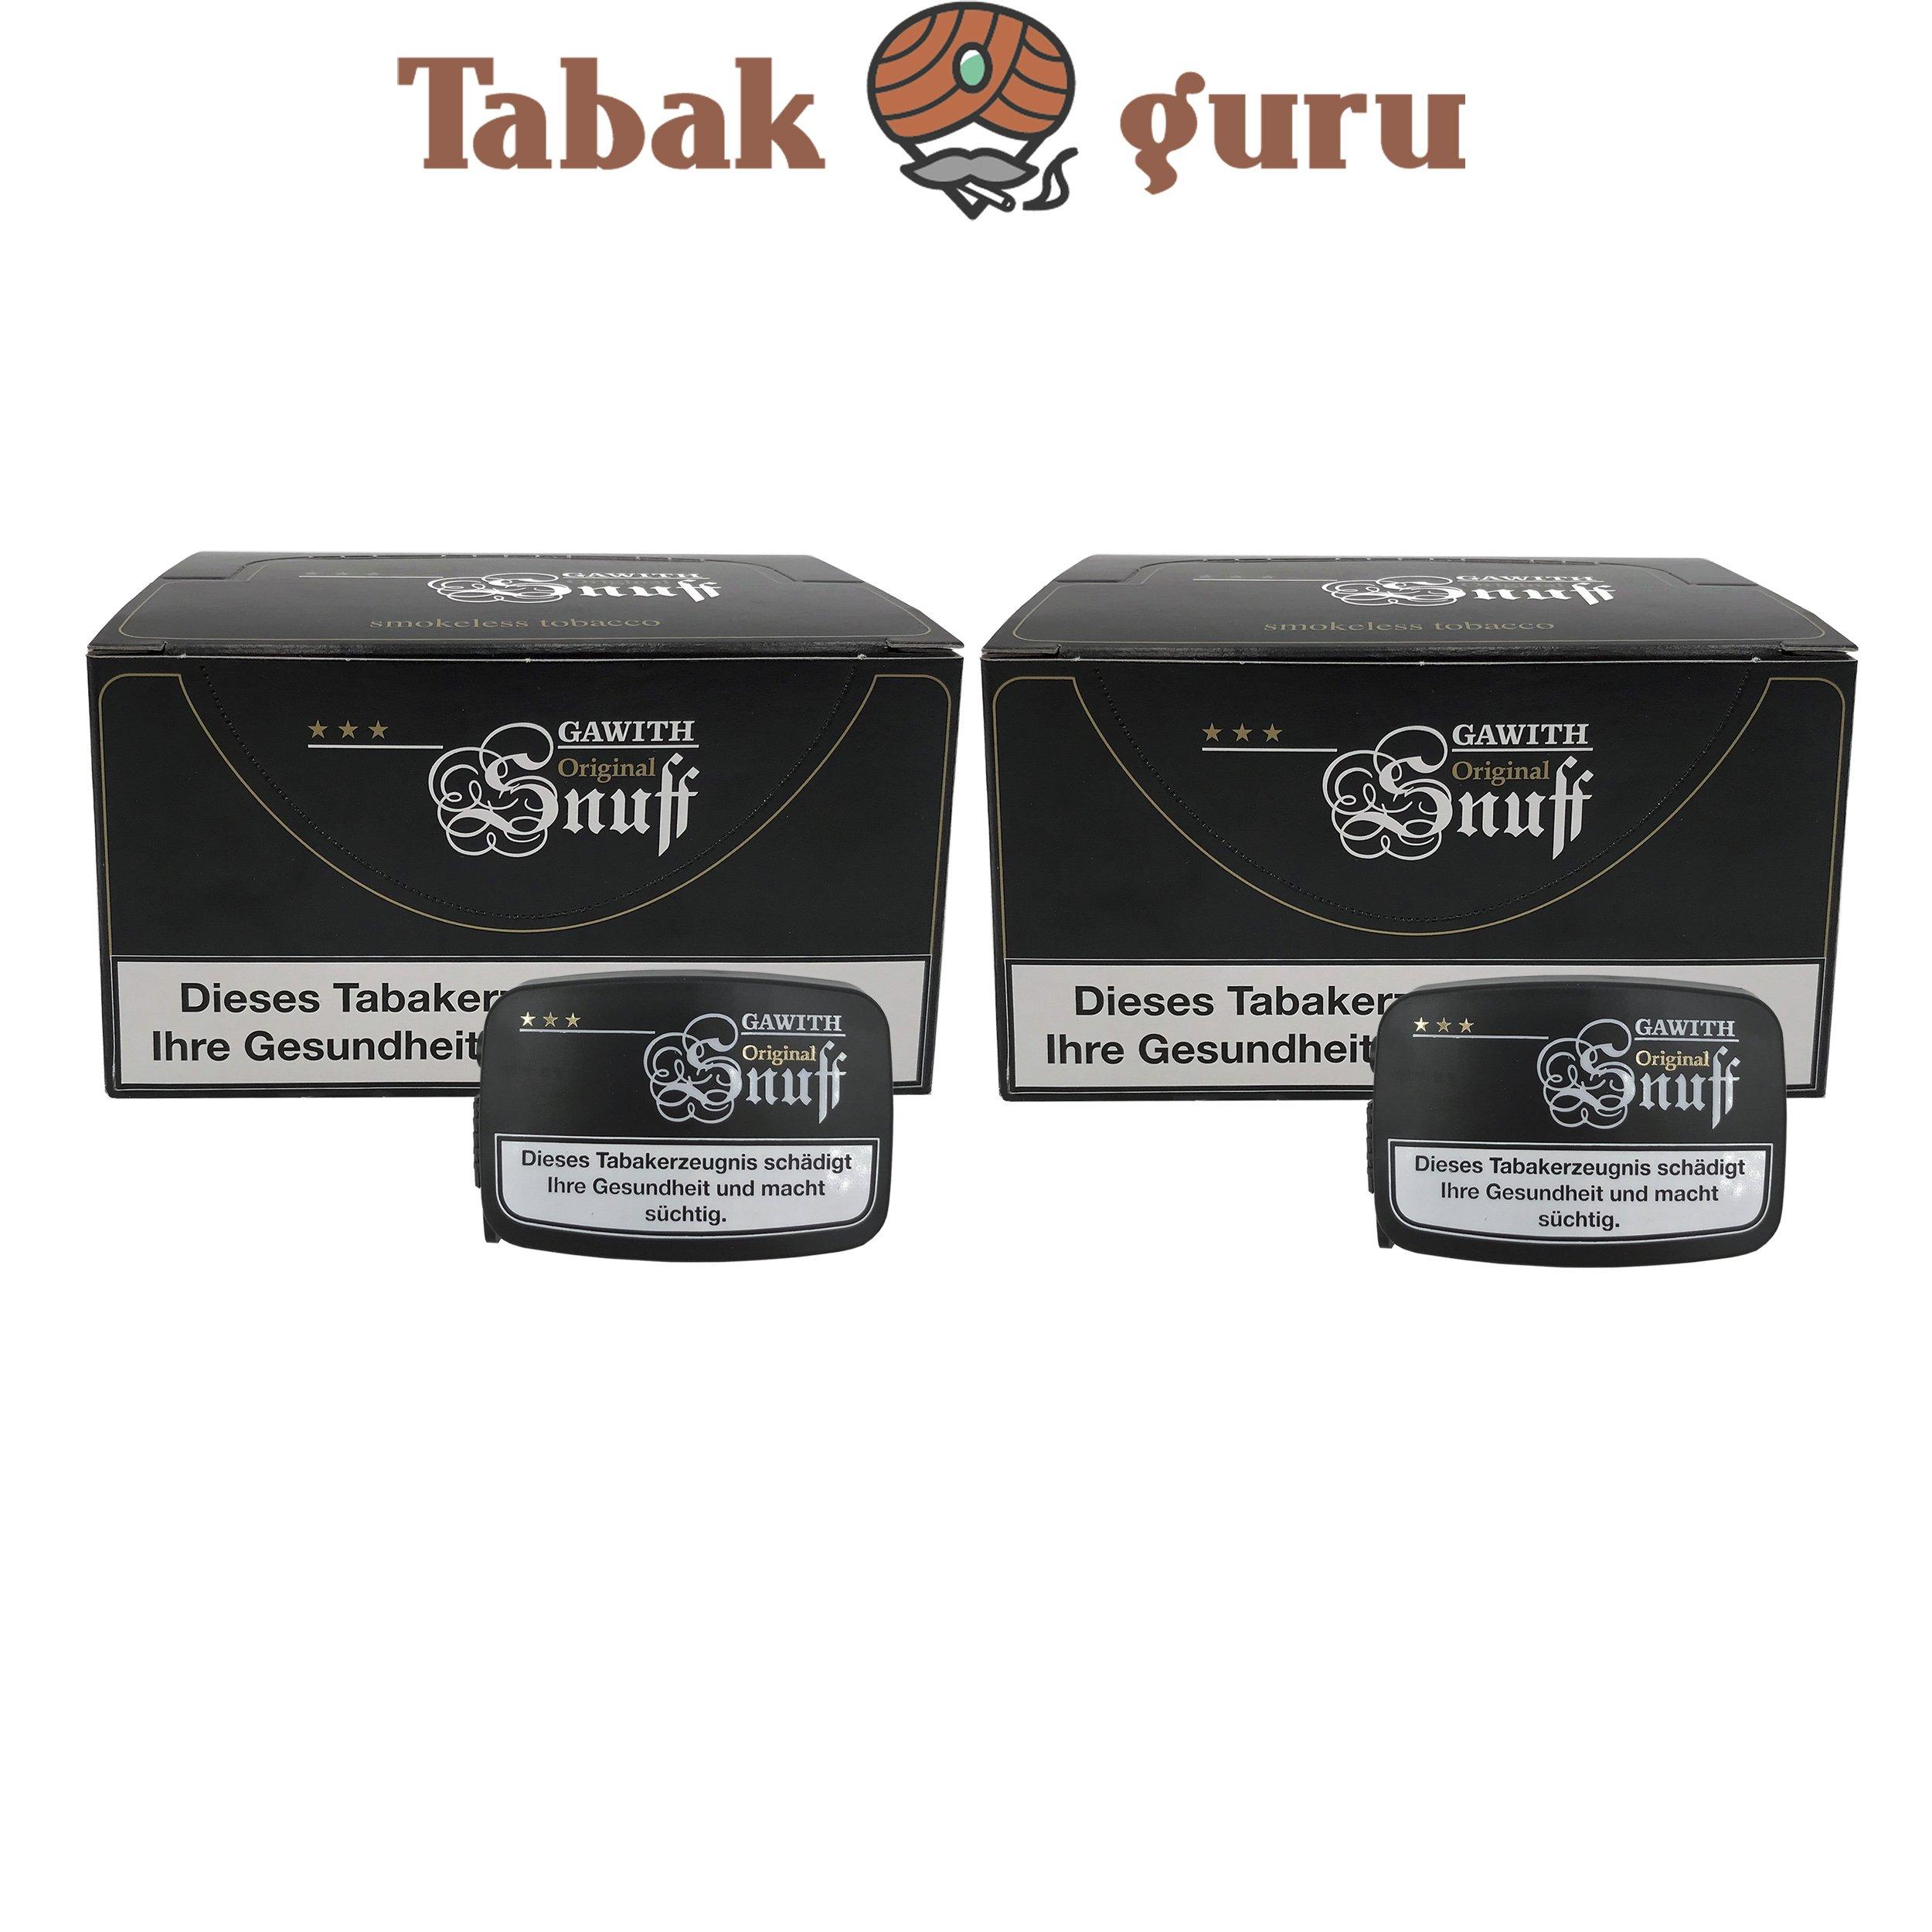 40x Gawith Original Snuff Schnupftabak Dose á10 g